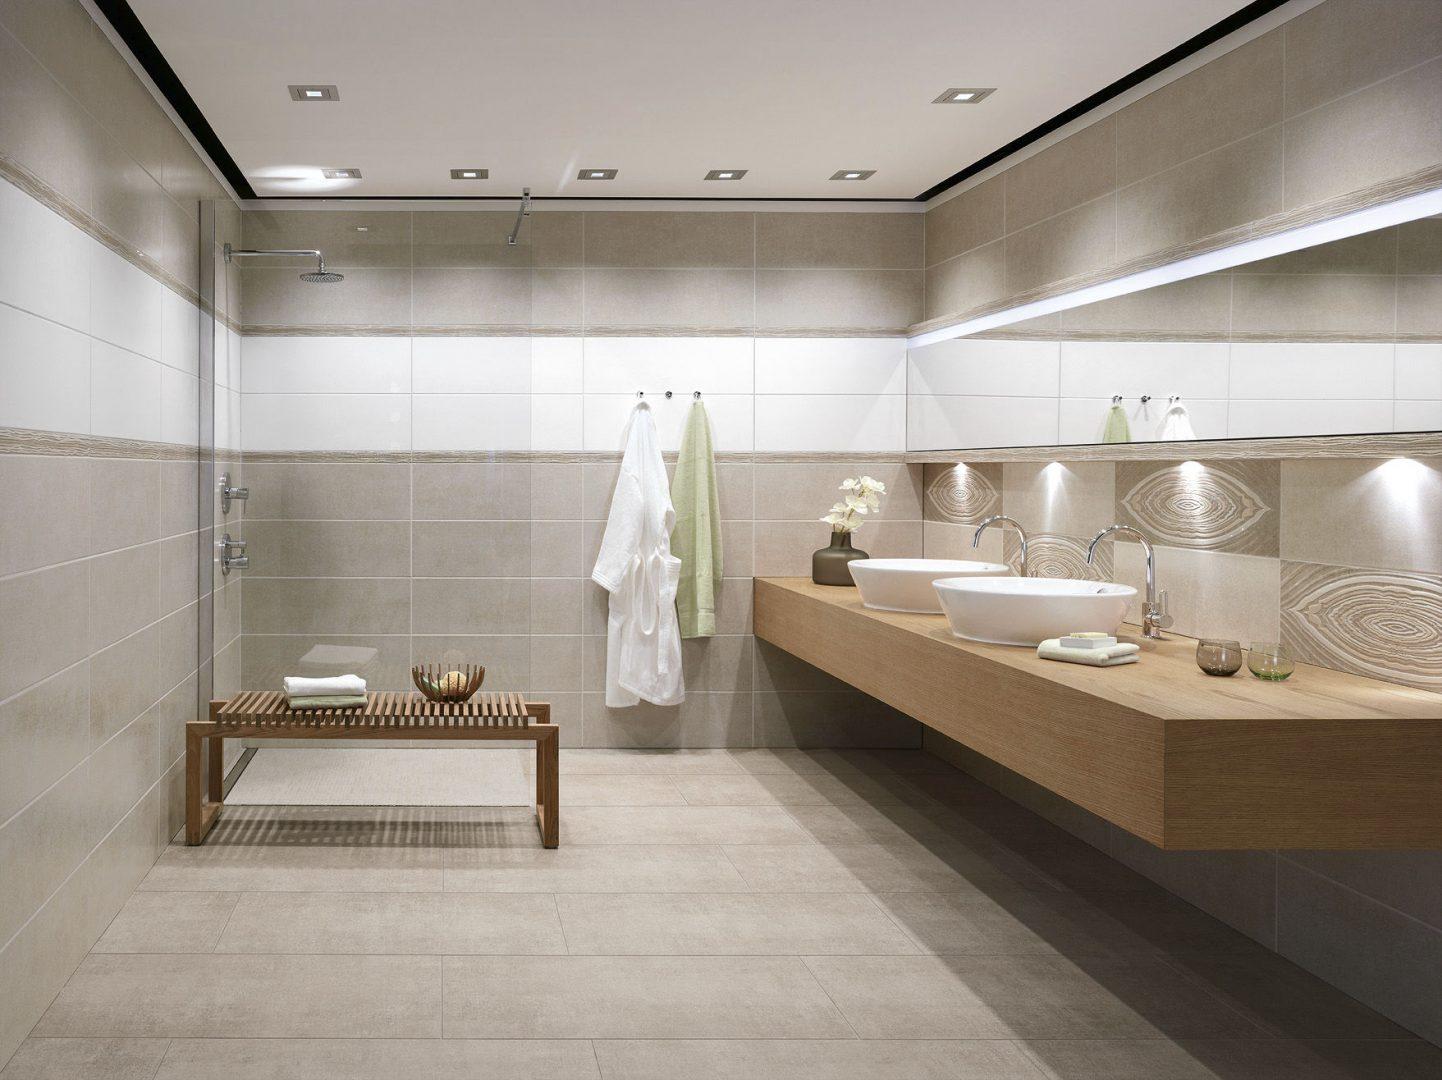 Ba o con azulejos de porcelana im genes y fotos for Muebles de cuarto de bano grandes